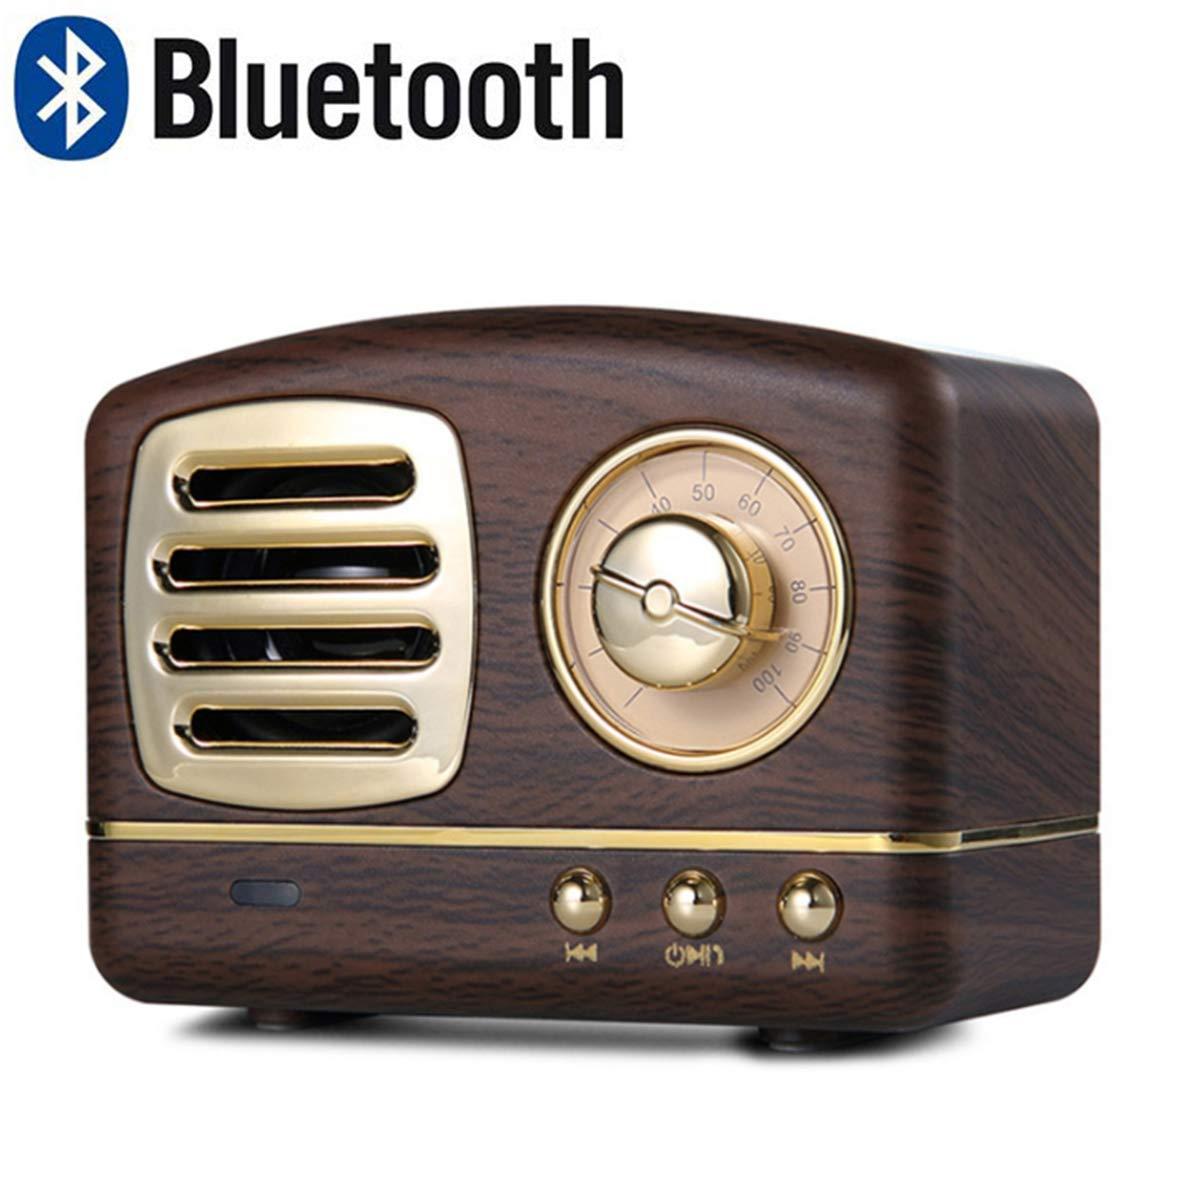 Lychee Vintage Altavoz Bluetooth Inalámbrico Retro Subwoofer Estéreo Subwoofer Portátil Mini Caja de Sonido Soporte TF AUX Reproducción de Música Manos Libres con Micrófono (Madera): Amazon.es: Electrónica